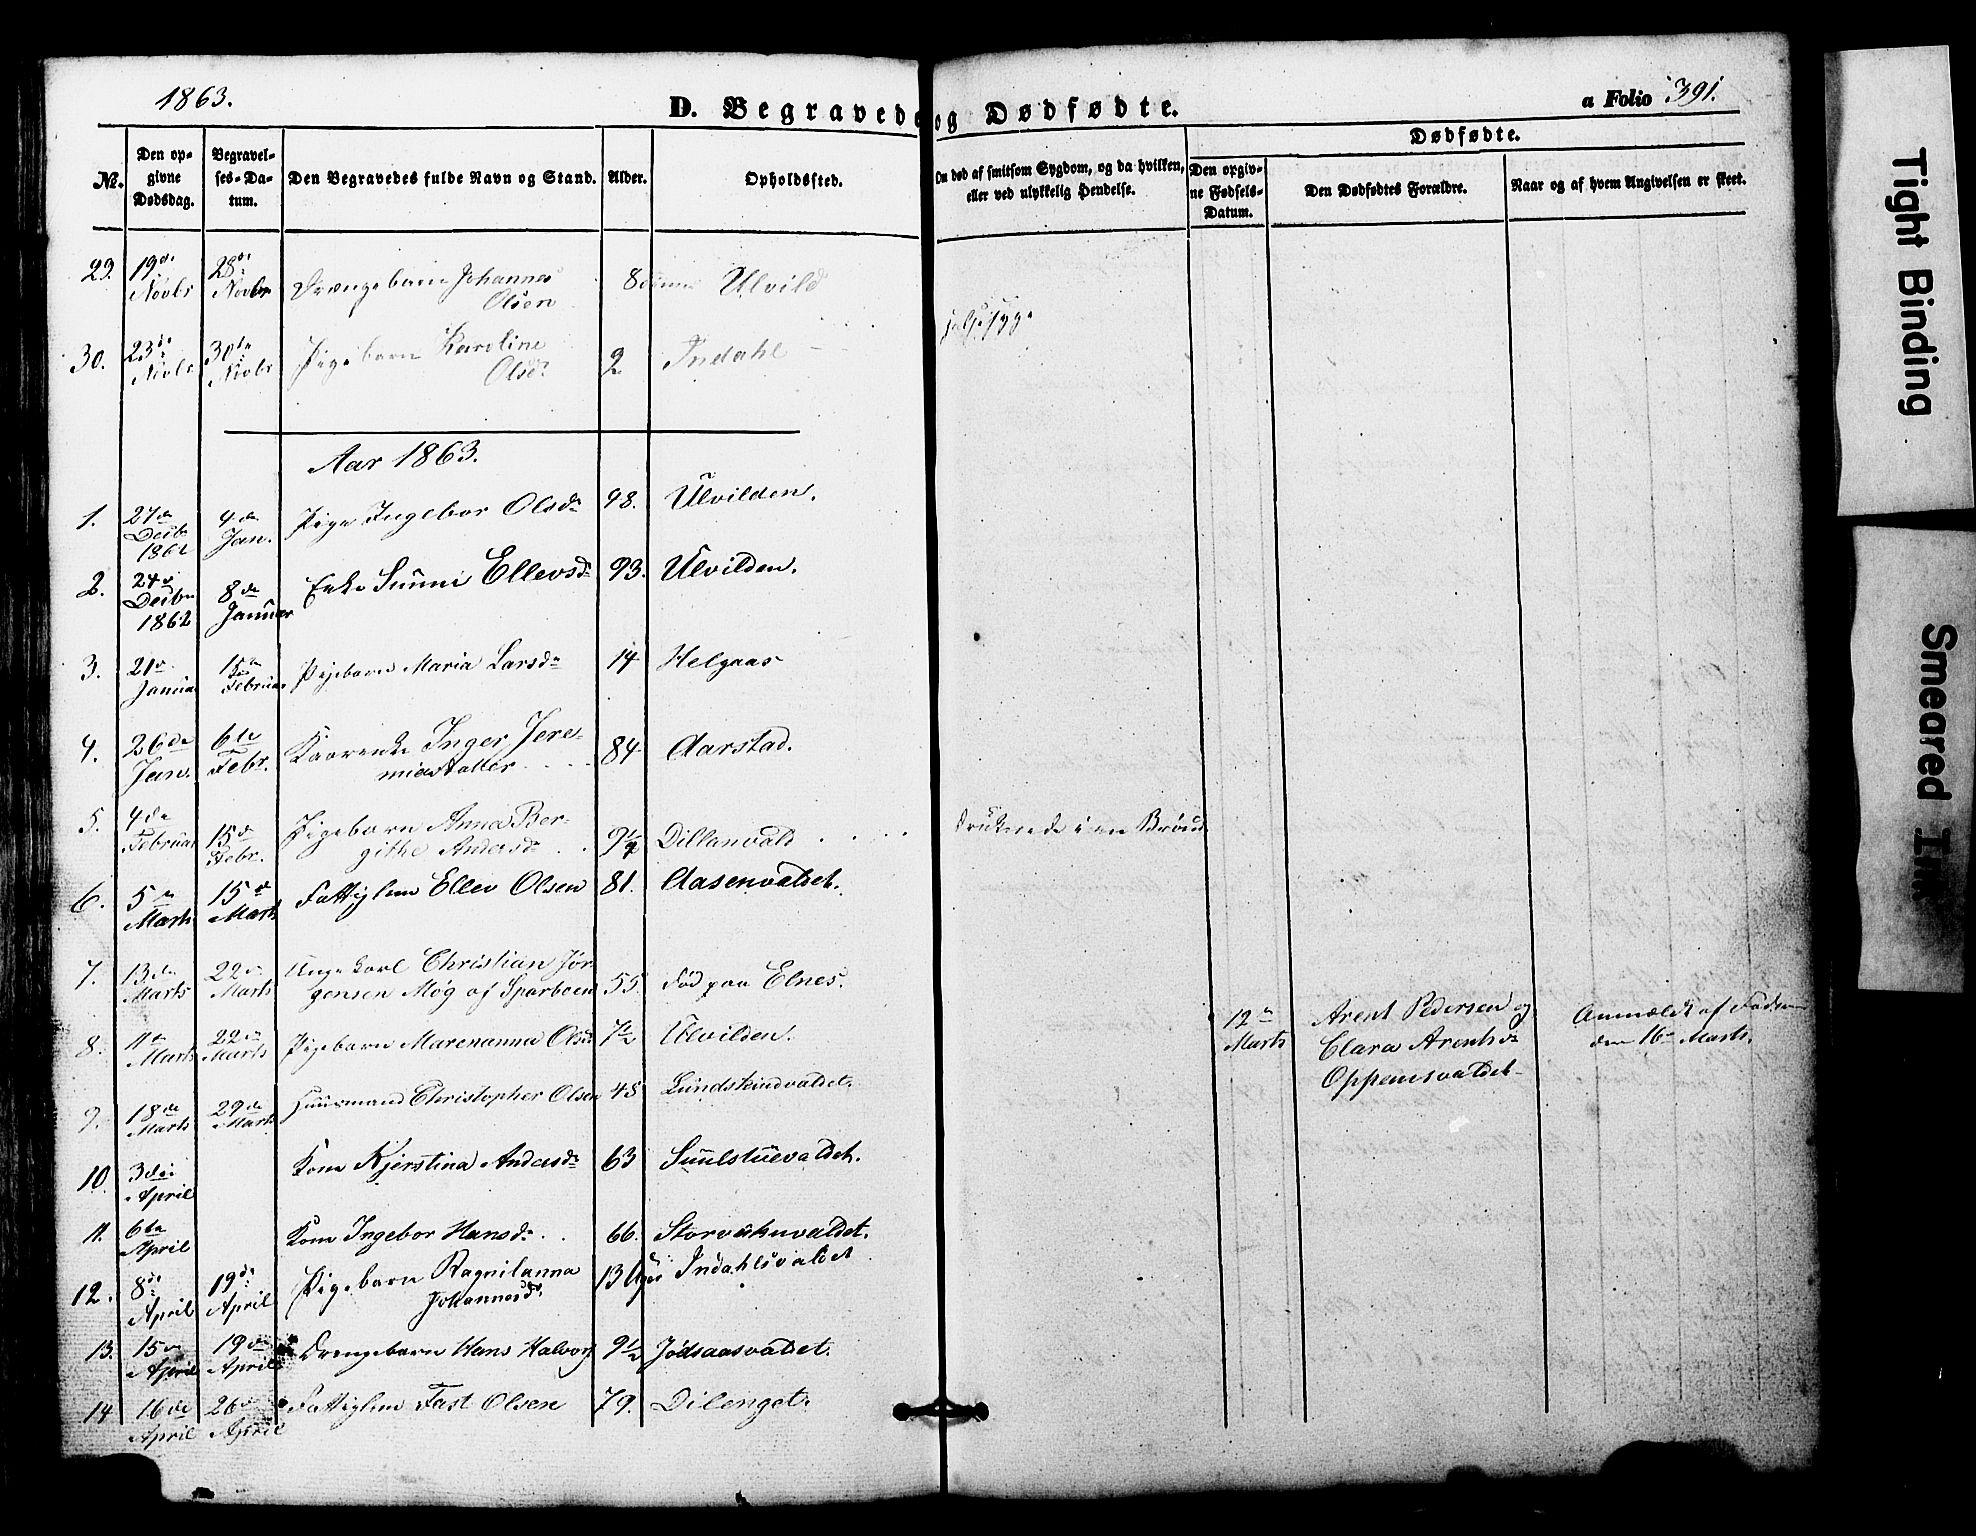 SAT, Ministerialprotokoller, klokkerbøker og fødselsregistre - Nord-Trøndelag, 724/L0268: Klokkerbok nr. 724C04, 1846-1878, s. 391